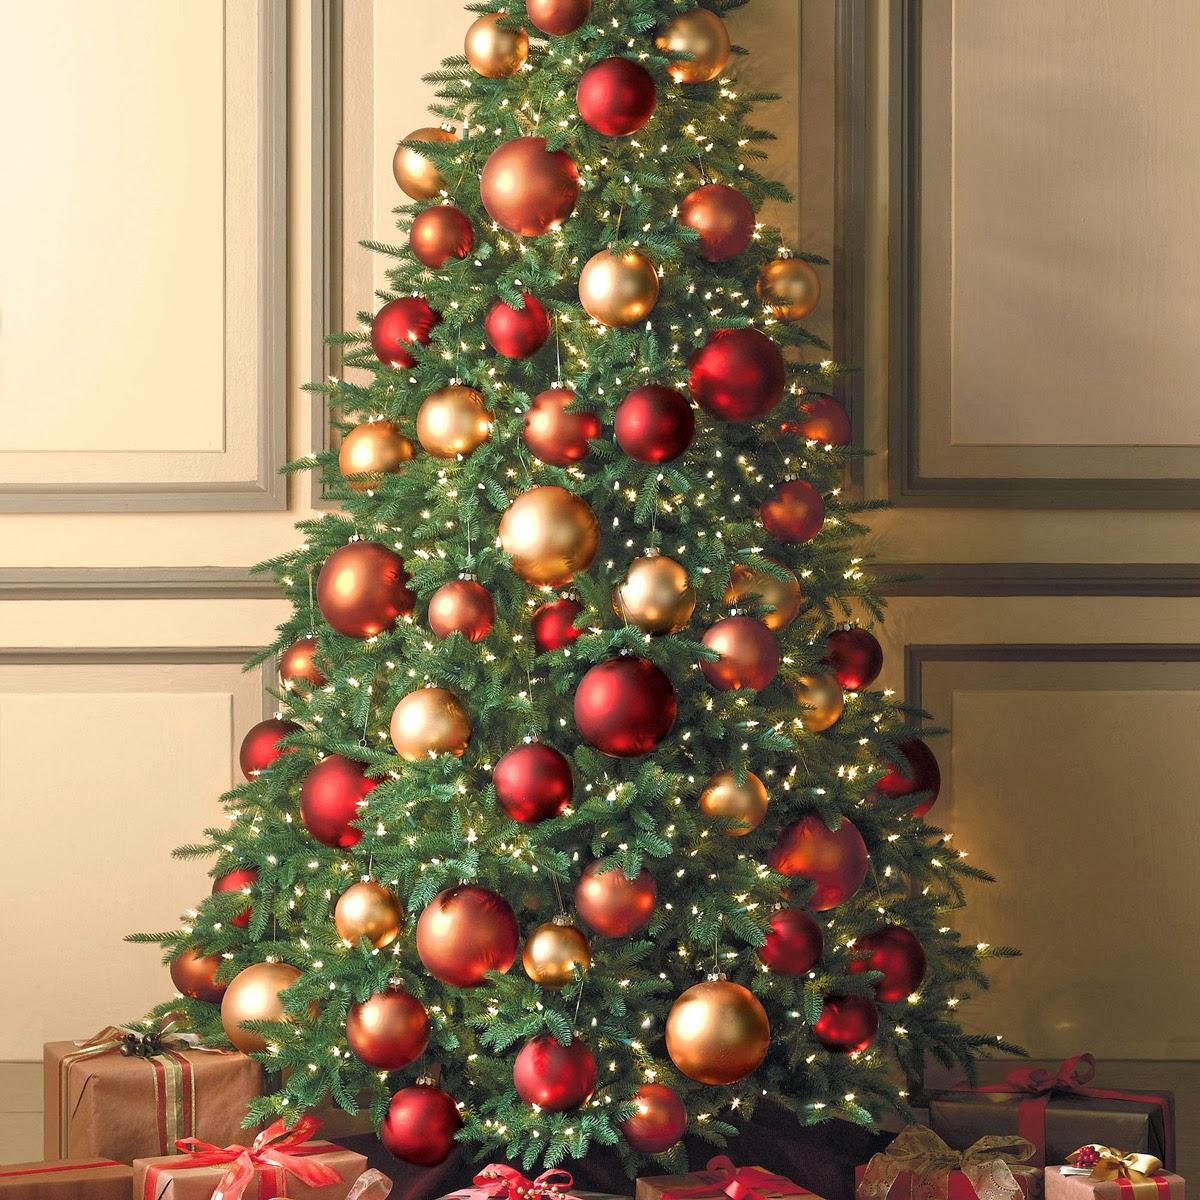 Alberi Di Natale Bellissimi.Il Mondo In Un Giardino L Albero Di Natale Dalle Origini A Oggi